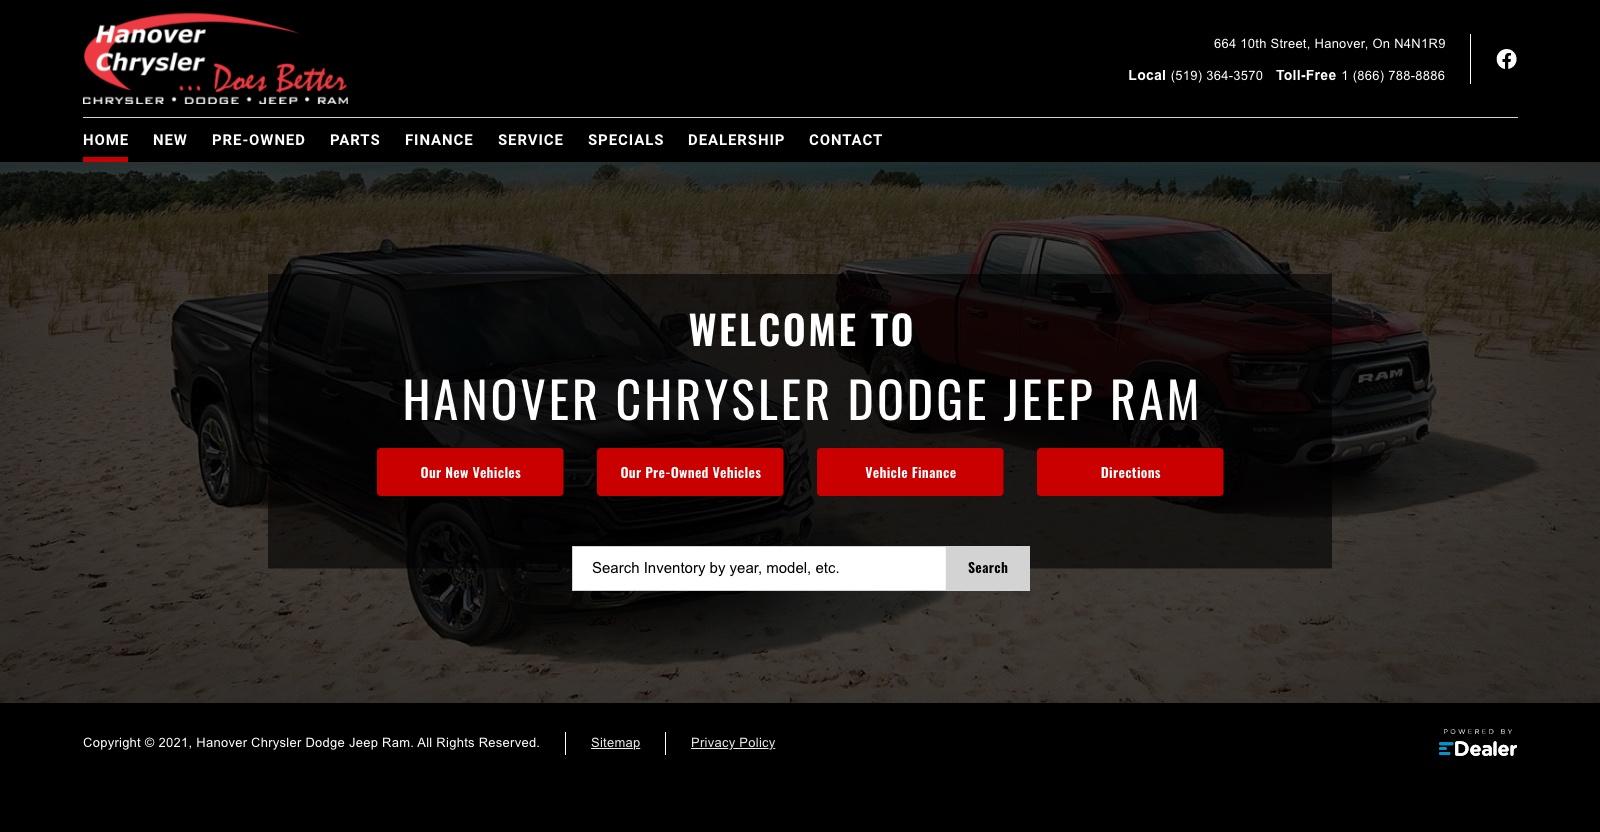 Hanover Chrysler Dodge Jeep Ram Ltd